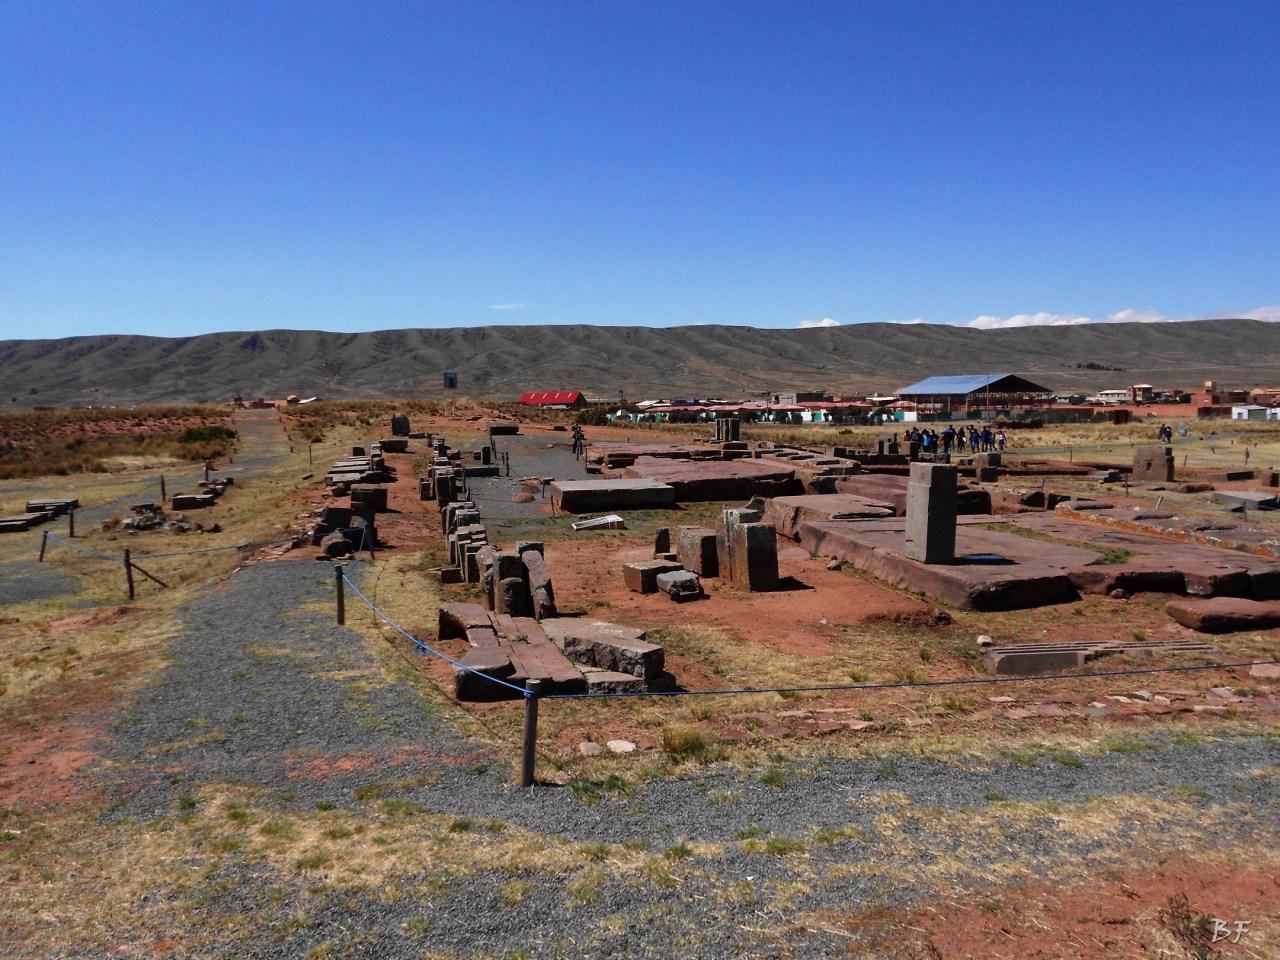 Puma-Punku-Area-Megalitica-Mura-Poligonali-Megaliti-Tiwanaku-Tiahuanaco-Bolivia-33